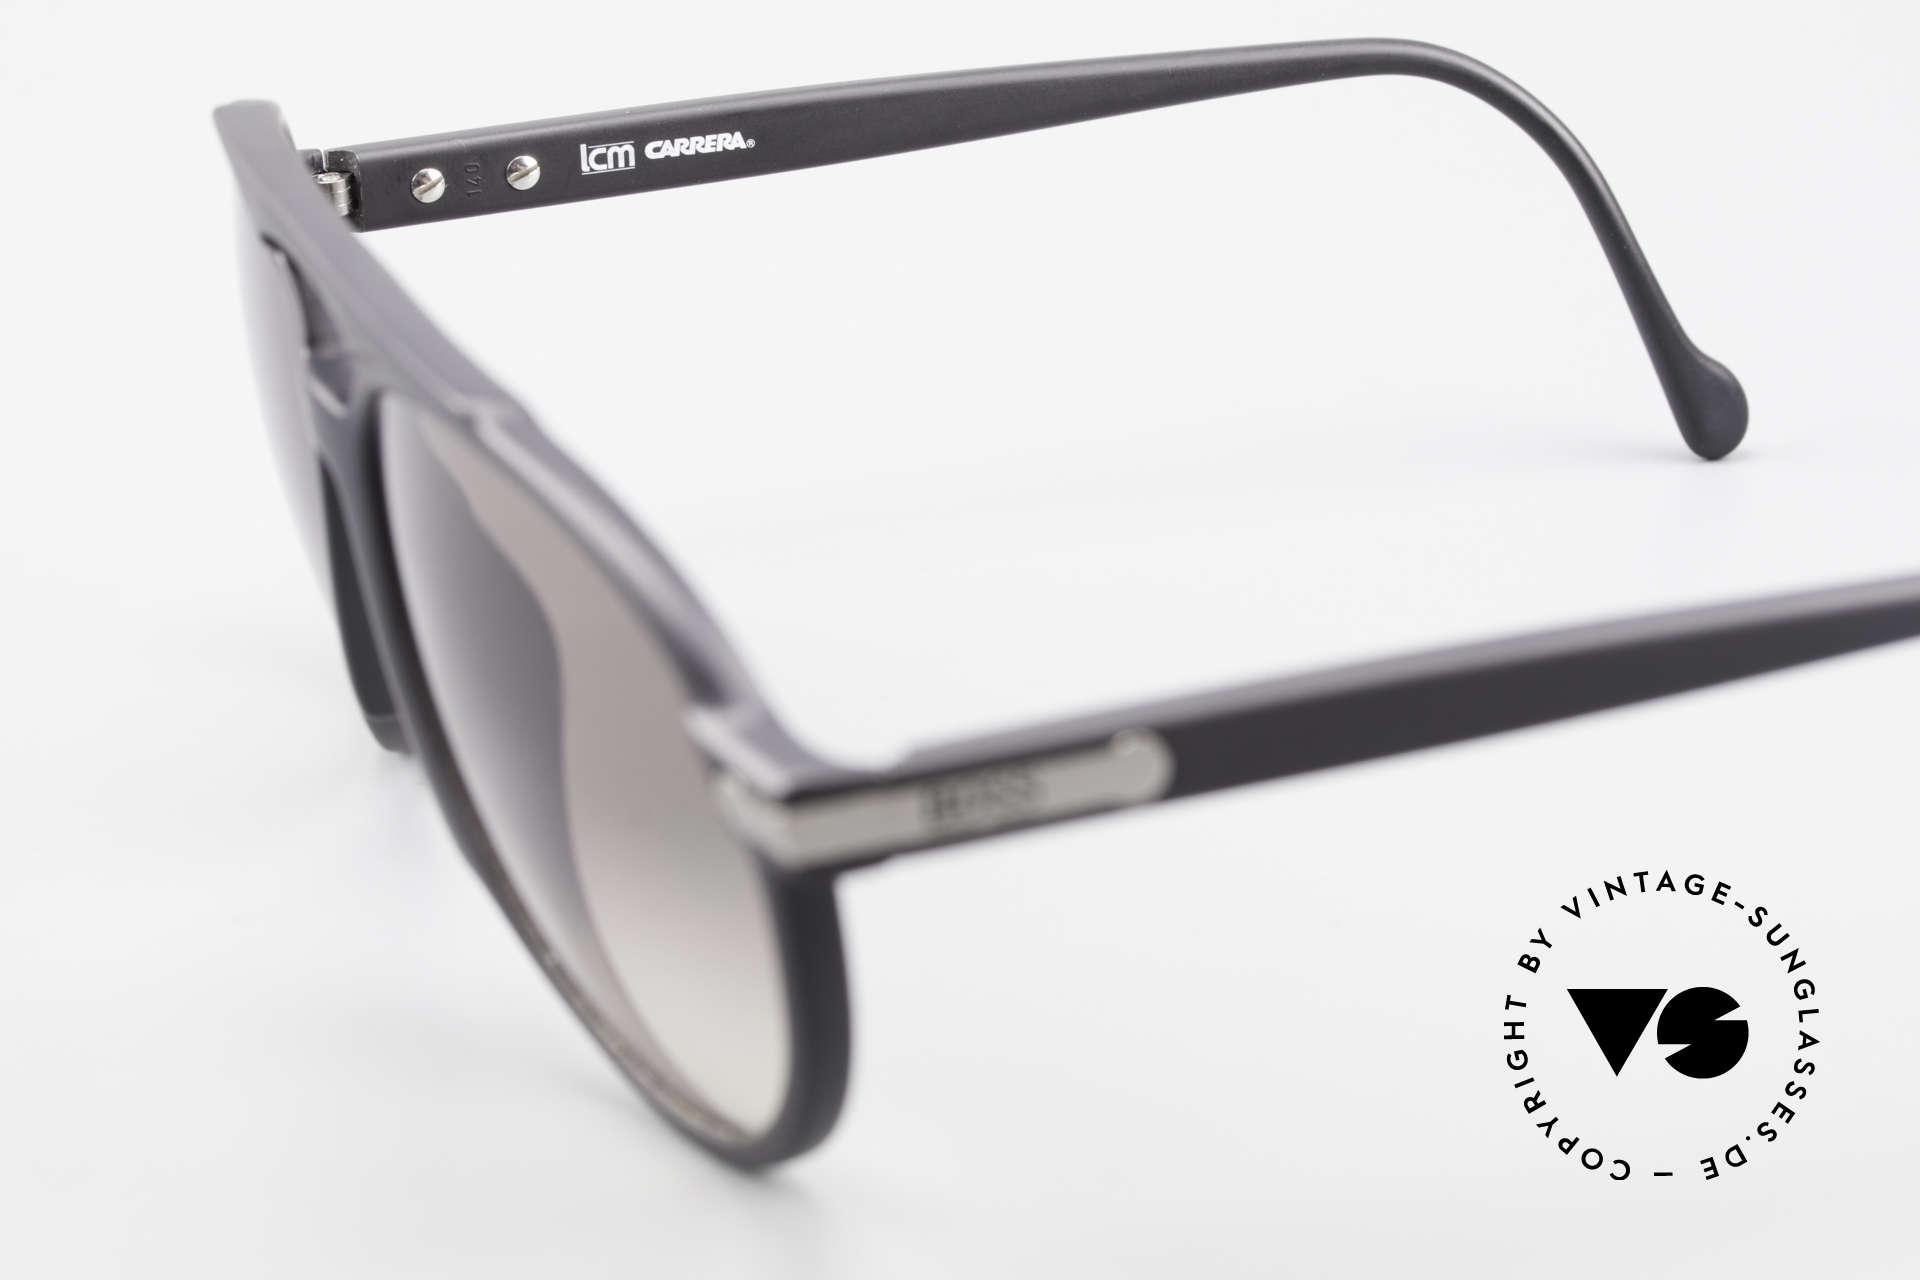 BOSS 5150 90er Vintage Pilotenbrille, unbenutztes Einzelstück; ein alter Klassiker!, Passend für Herren und Damen